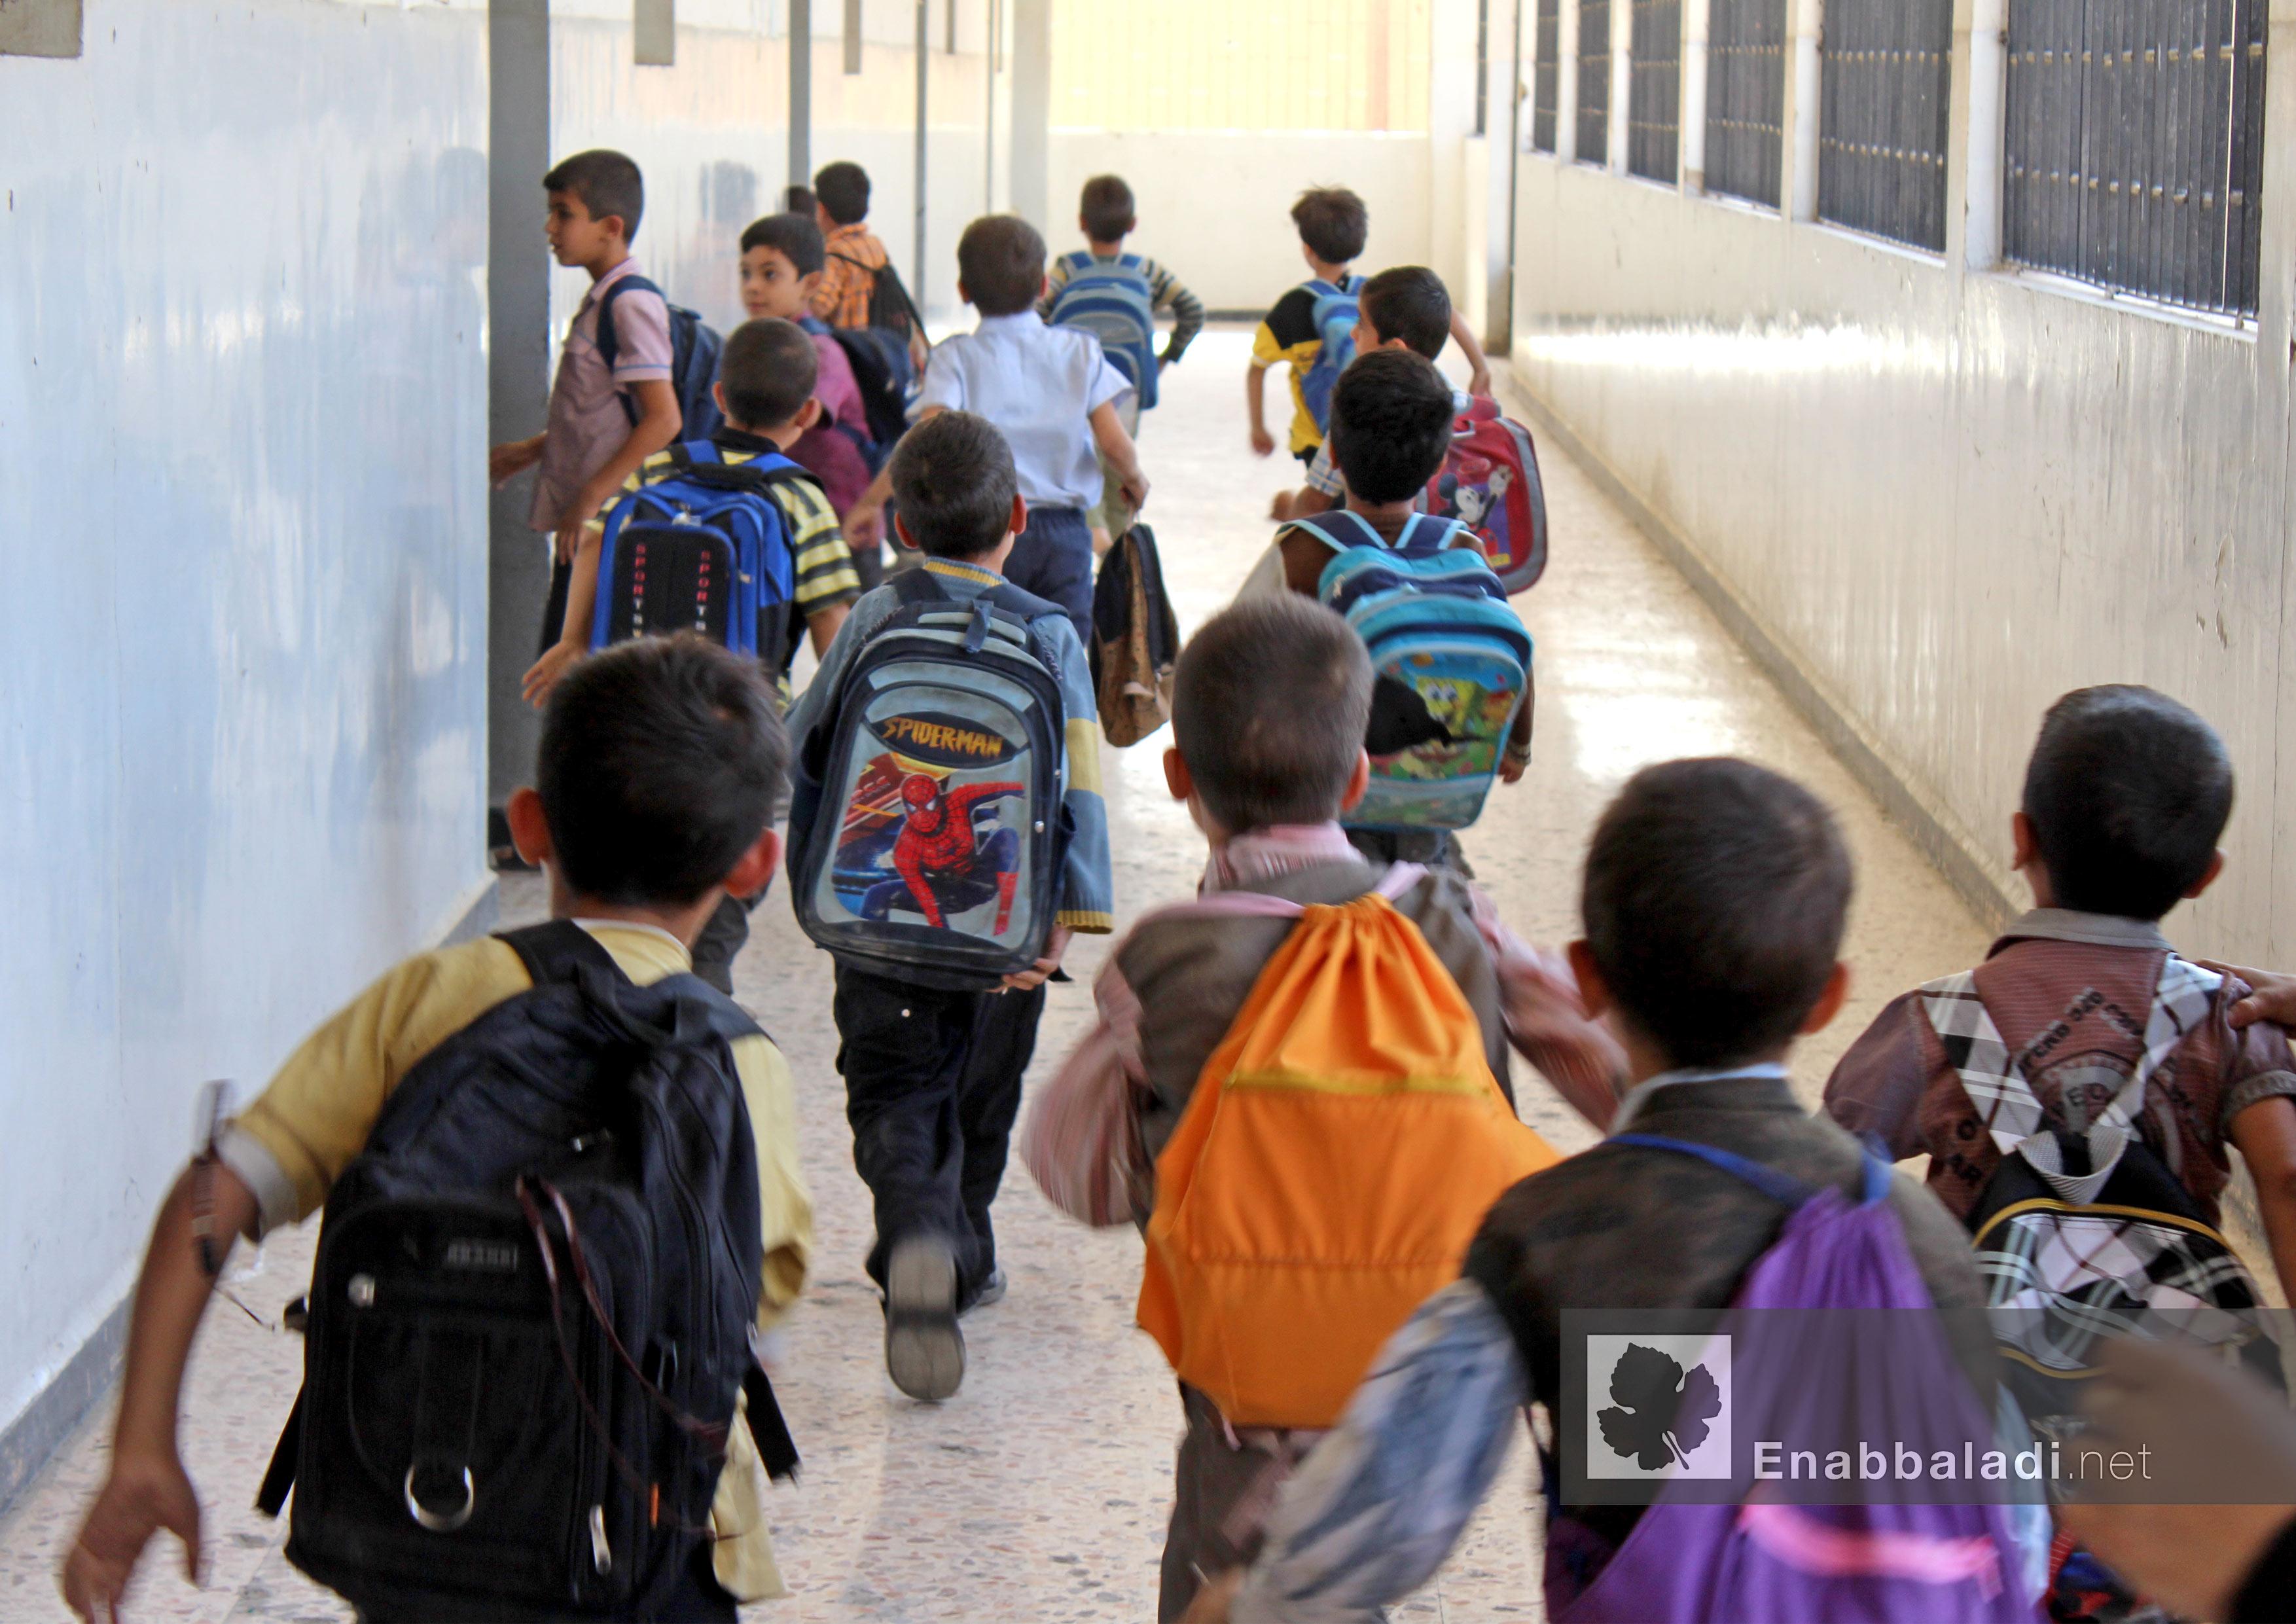 طلاب يتوجهون في مدرسة ابتدائية في الغوطة الشرقية بريف دمشق- 22 تشرين الأول 2015 - (عنب بلدي)